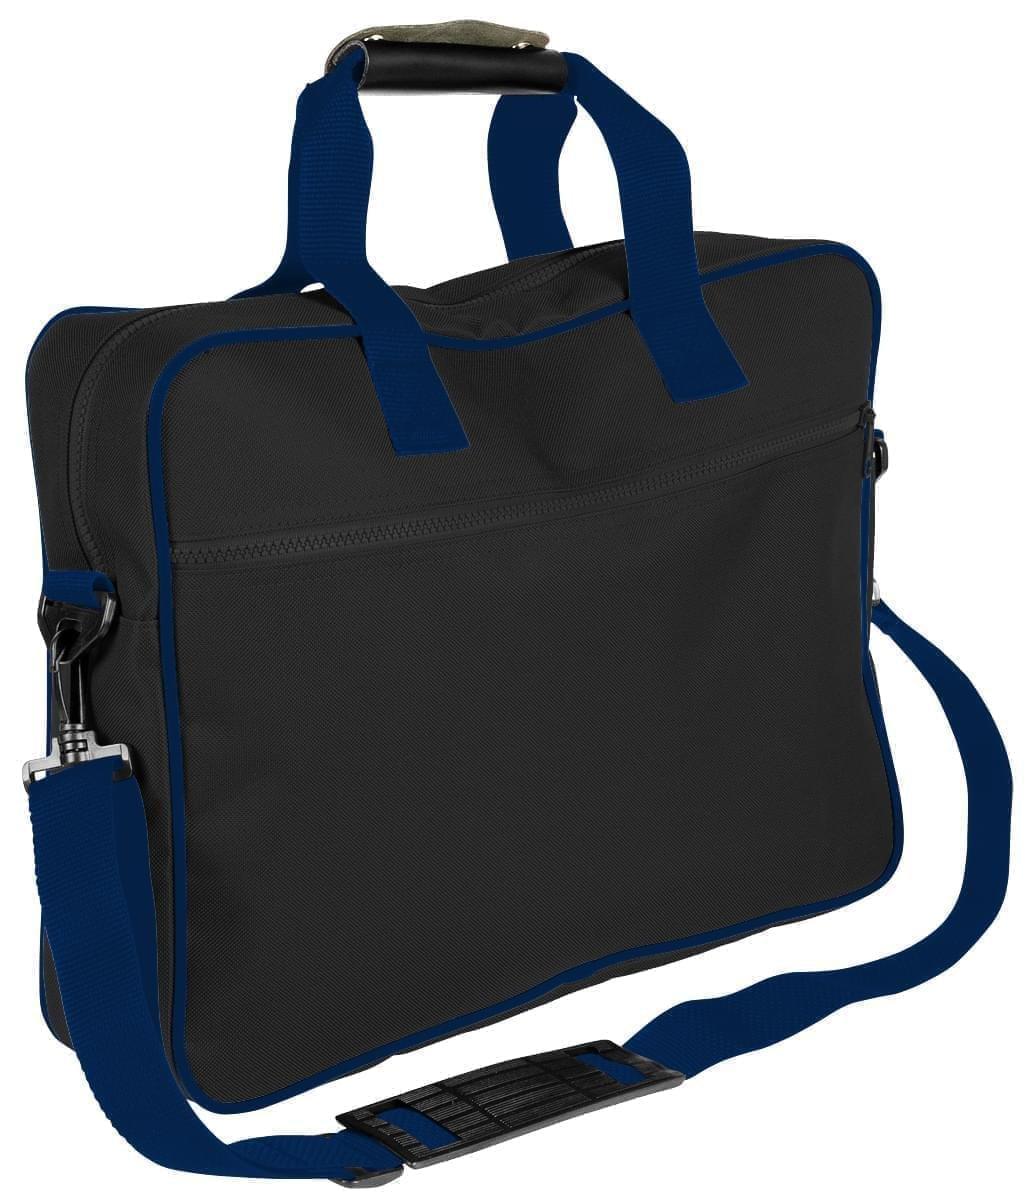 USA Made Nylon Poly Notebook Sleeves, Black-Navy, CPKVA59POZ